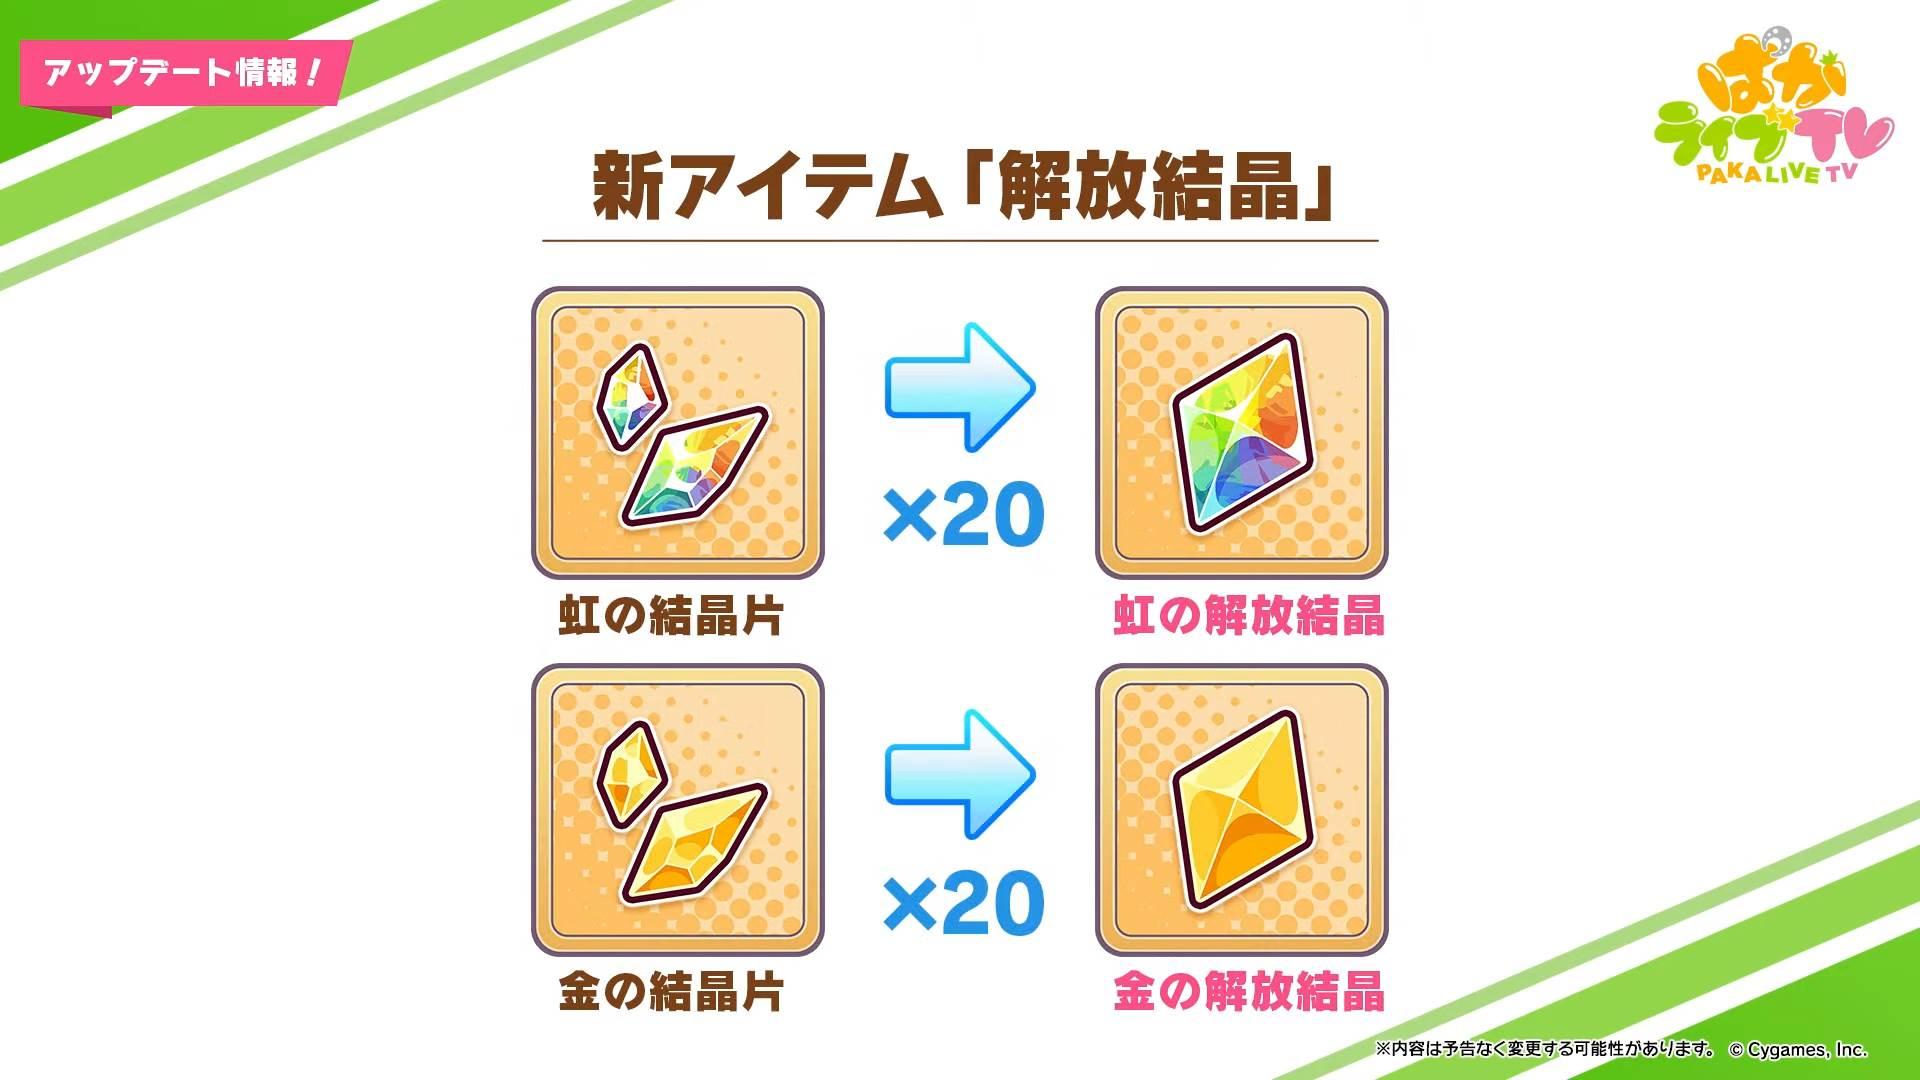 【ウマ娘】虹の結晶欠片って、イベント1回でどれぐらい手に入るんだろう? ← みんなの予想